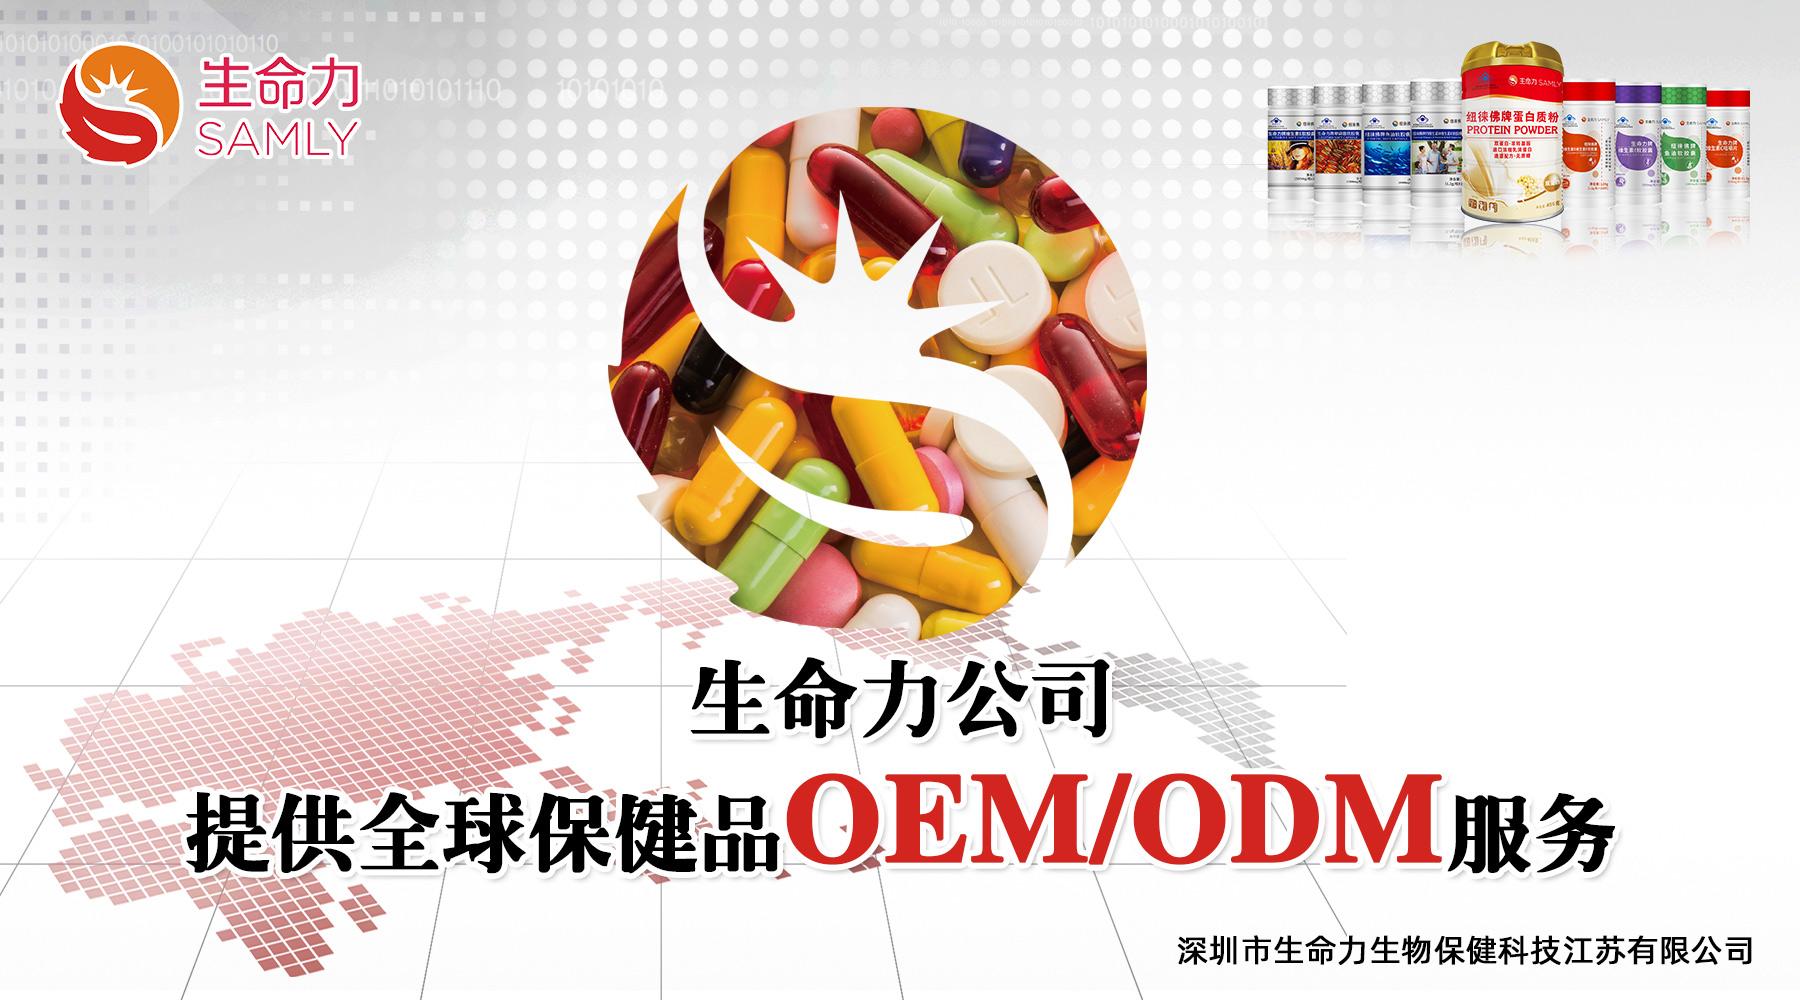 生命力提供全球保健品OEM、ODM服务